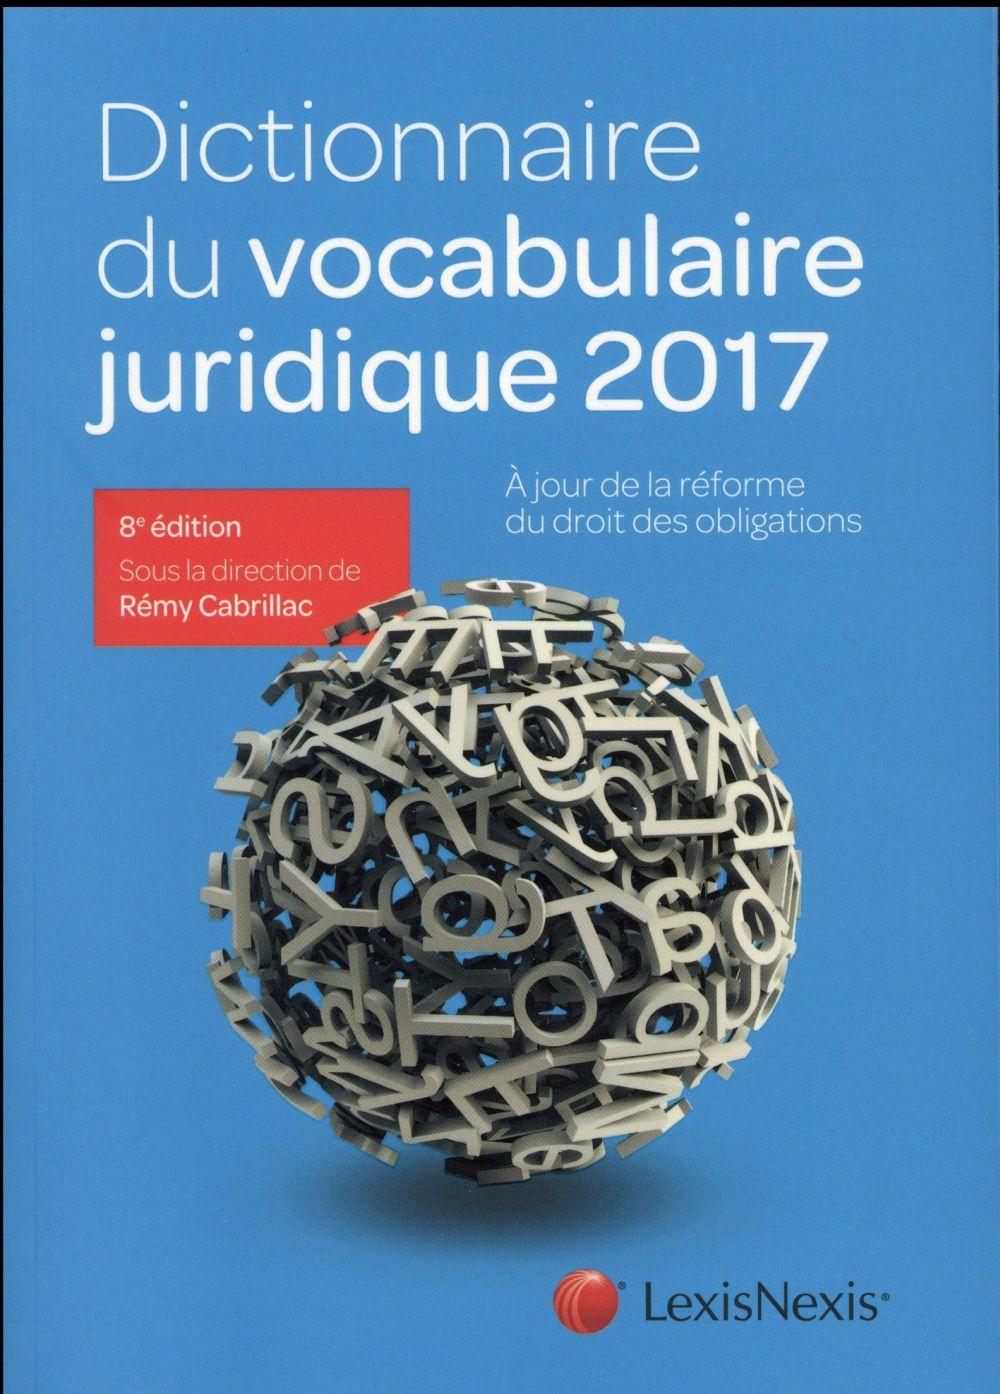 Dictionnaire du vocabulaire juridique (édition 2017)